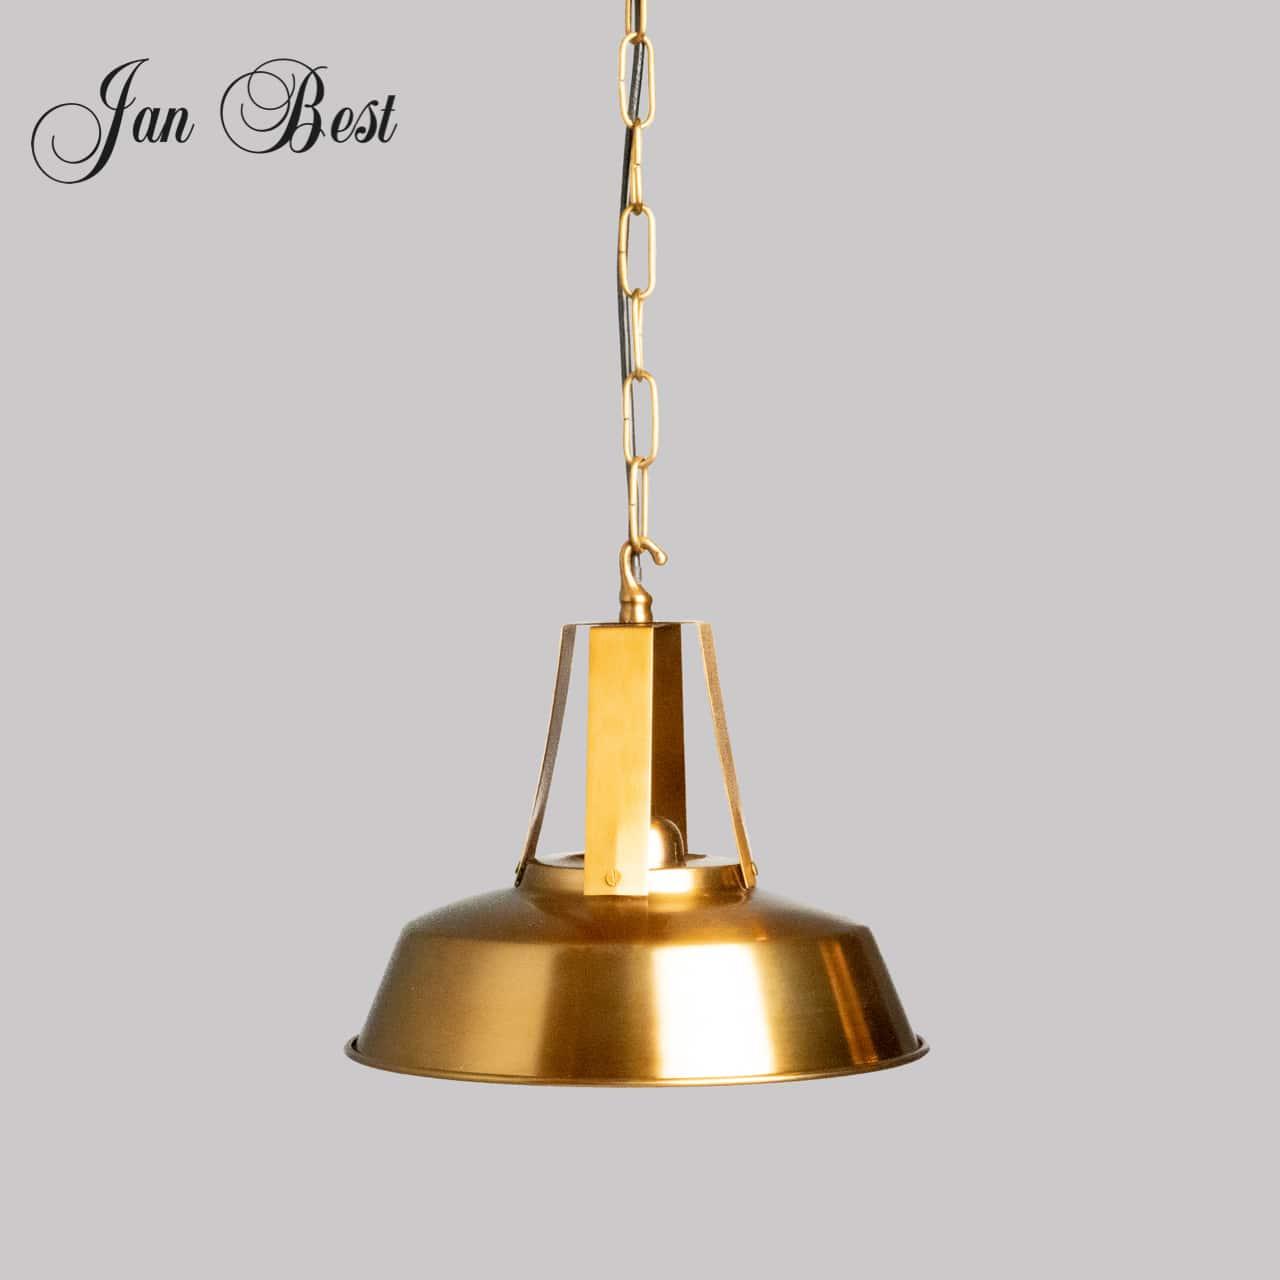 jan-best-hanglamp-messing-nostalgische-verlichting-horeca-verlichting-klassieke-verlichting-aalsmeer-klassiek-vintage